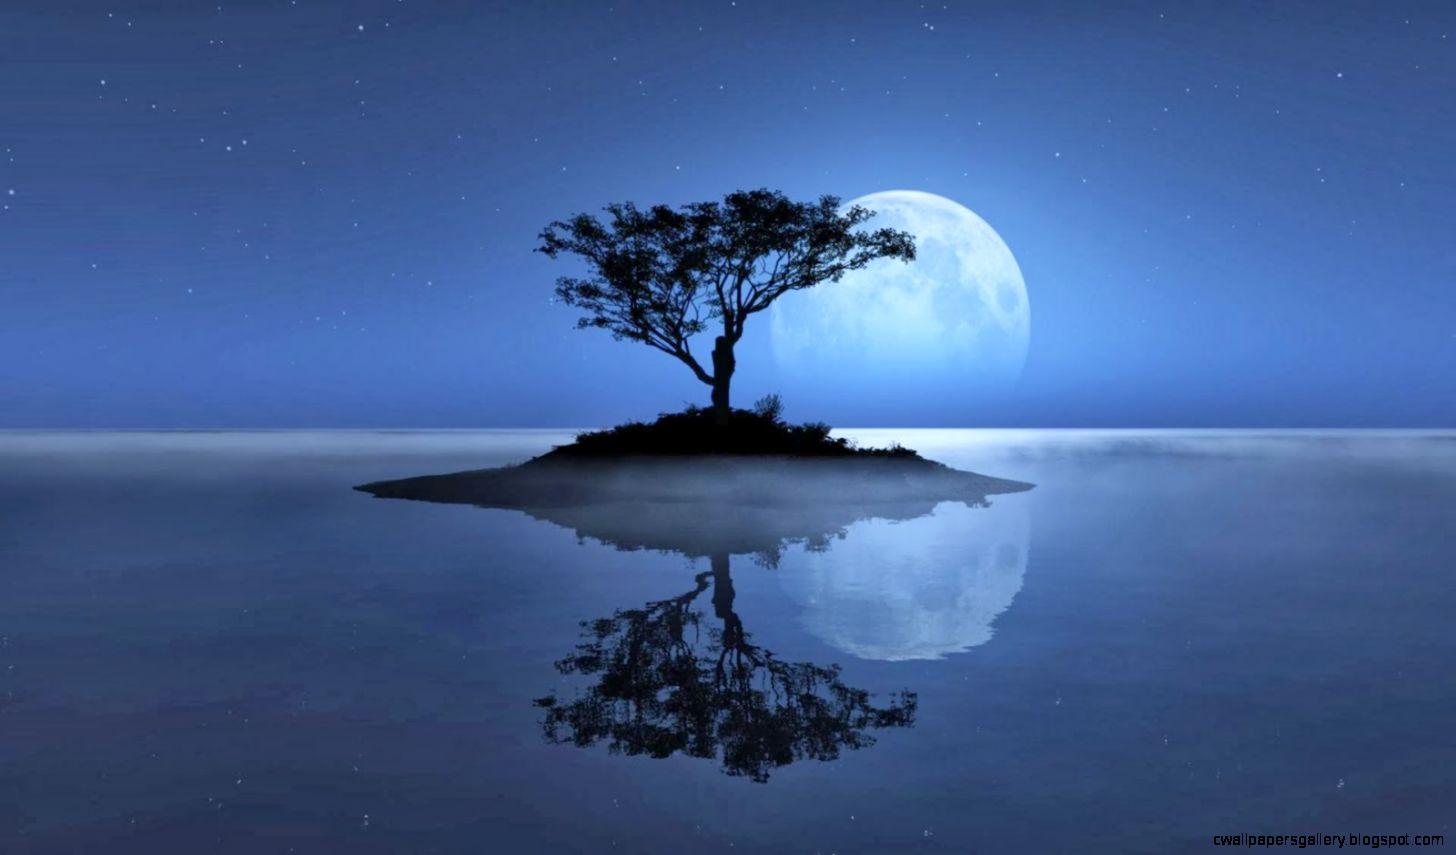 Full Moon Night Nature Wallpaper   1600X900 IWallHD   Wallpaper HD